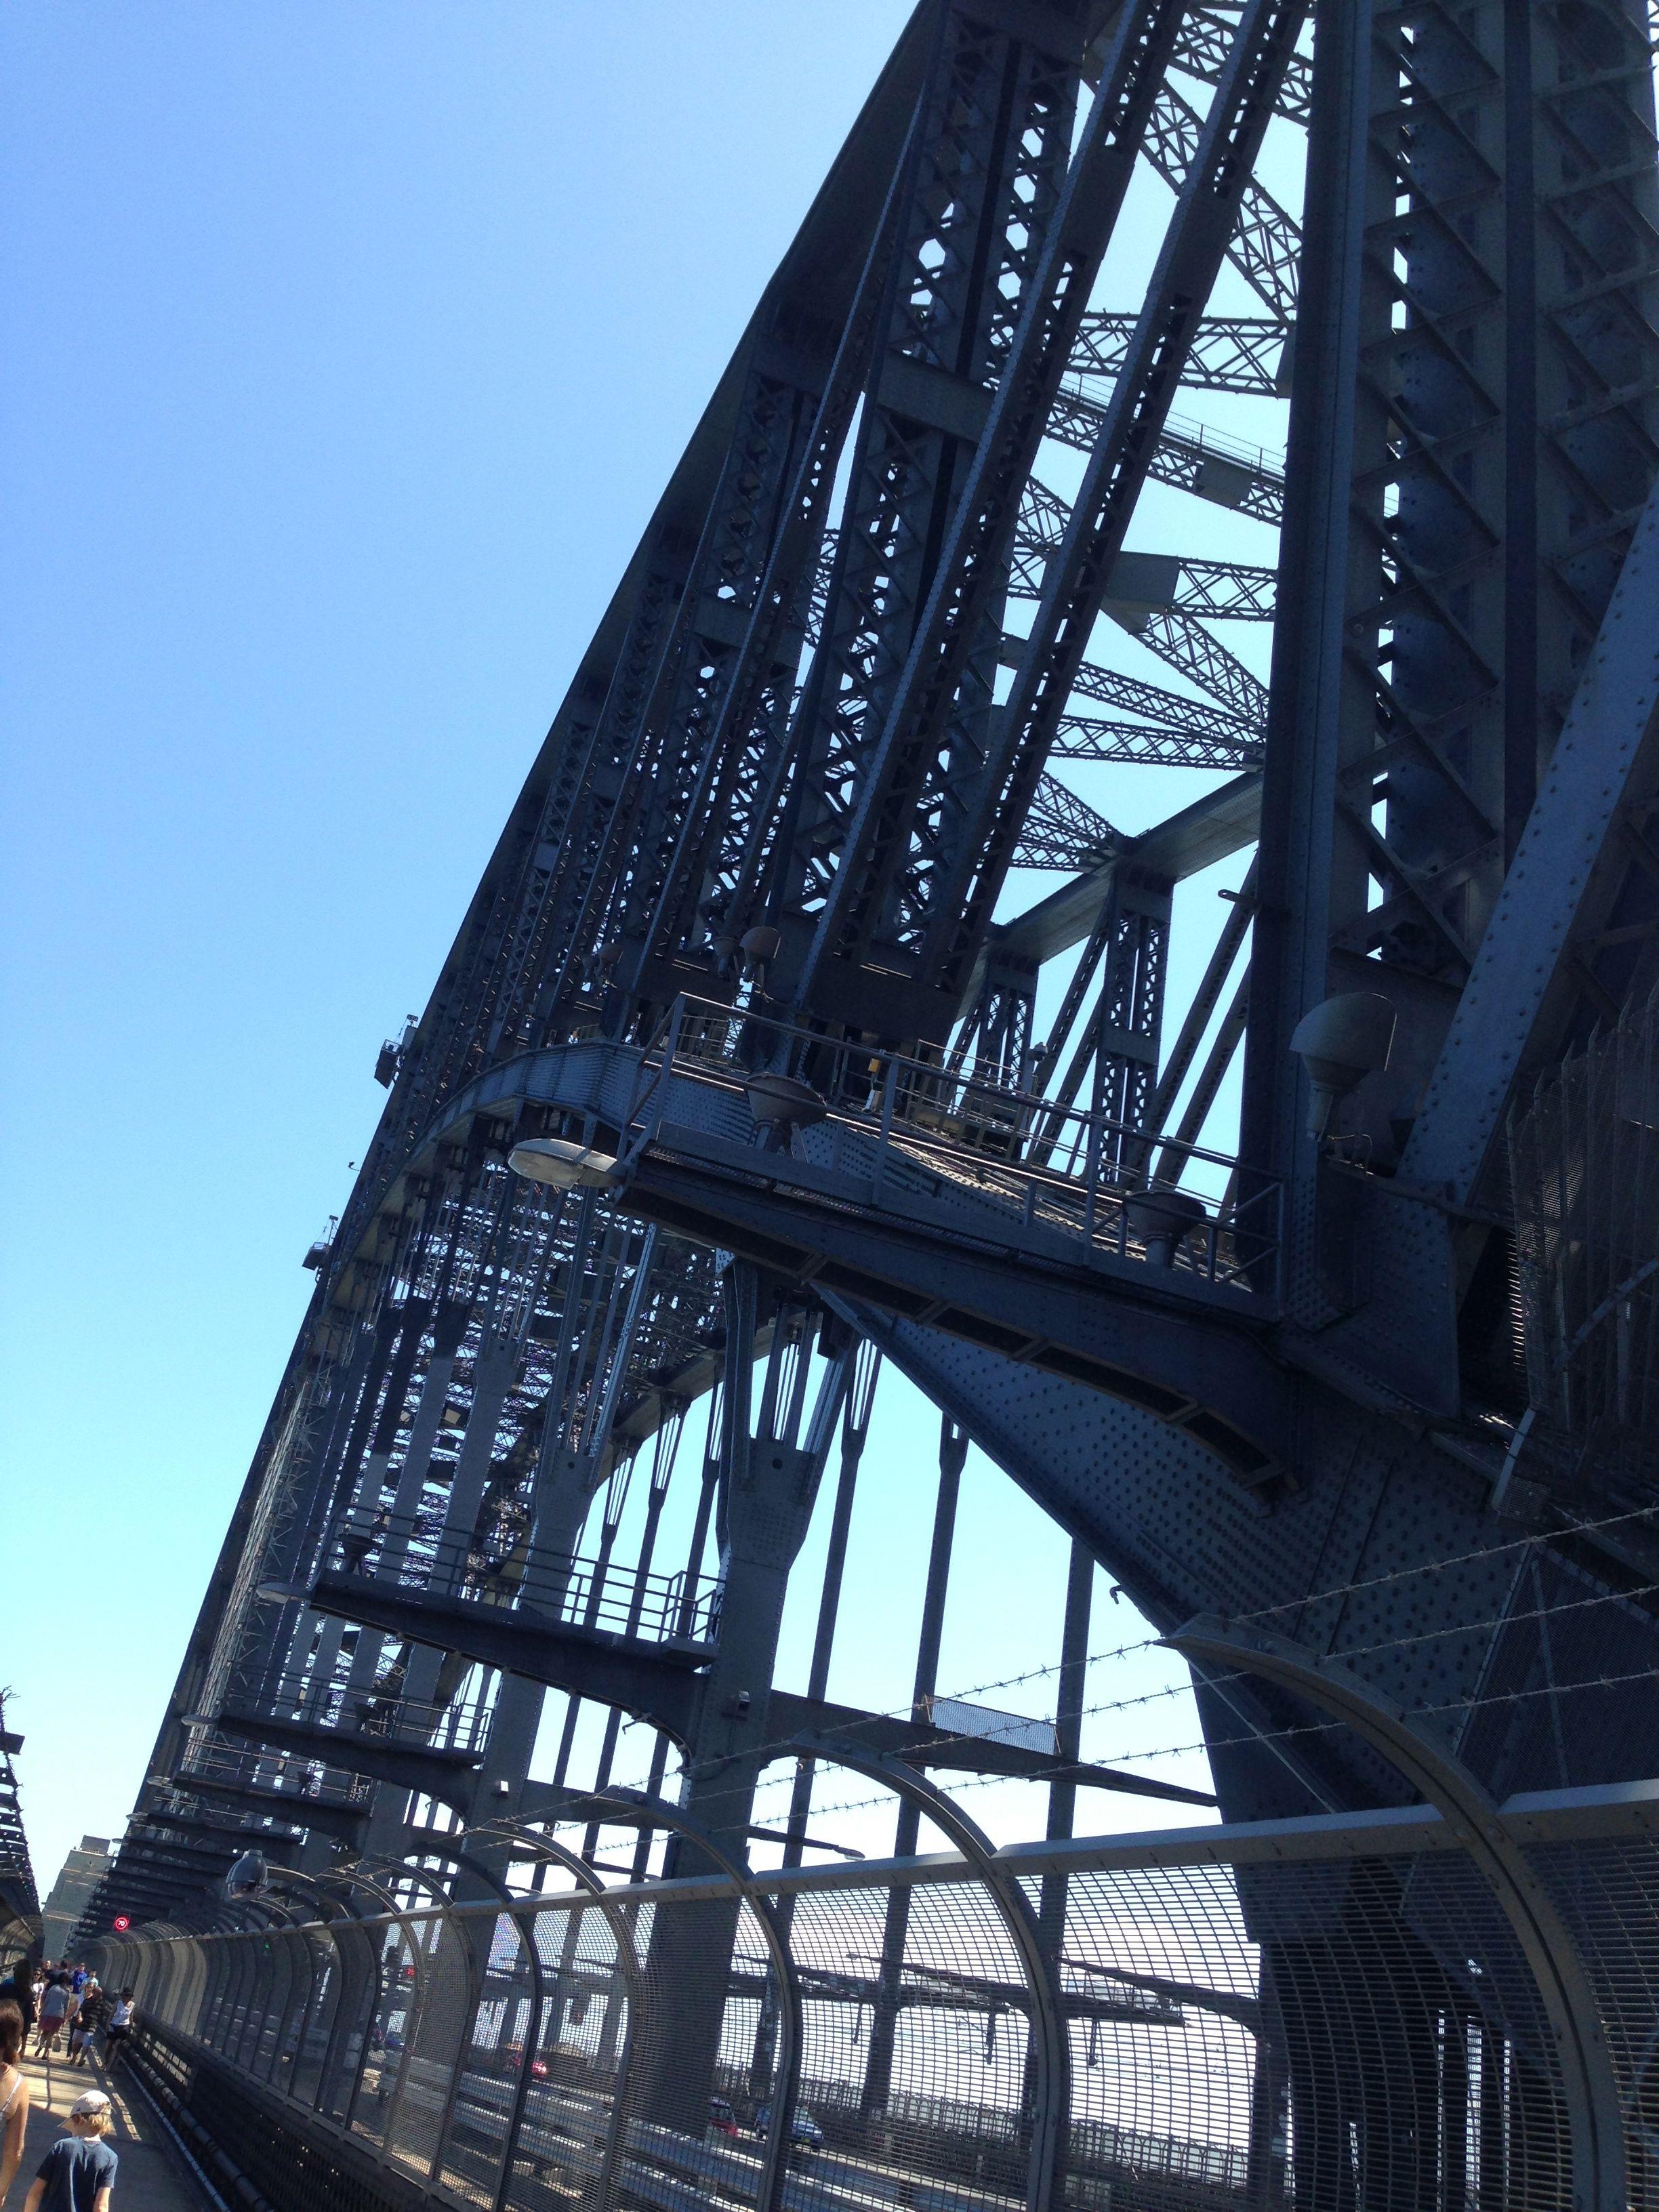 Du får verdens smukkeste udsigt, en by kan tilbyde, ved at krydse Harbour Bridge.